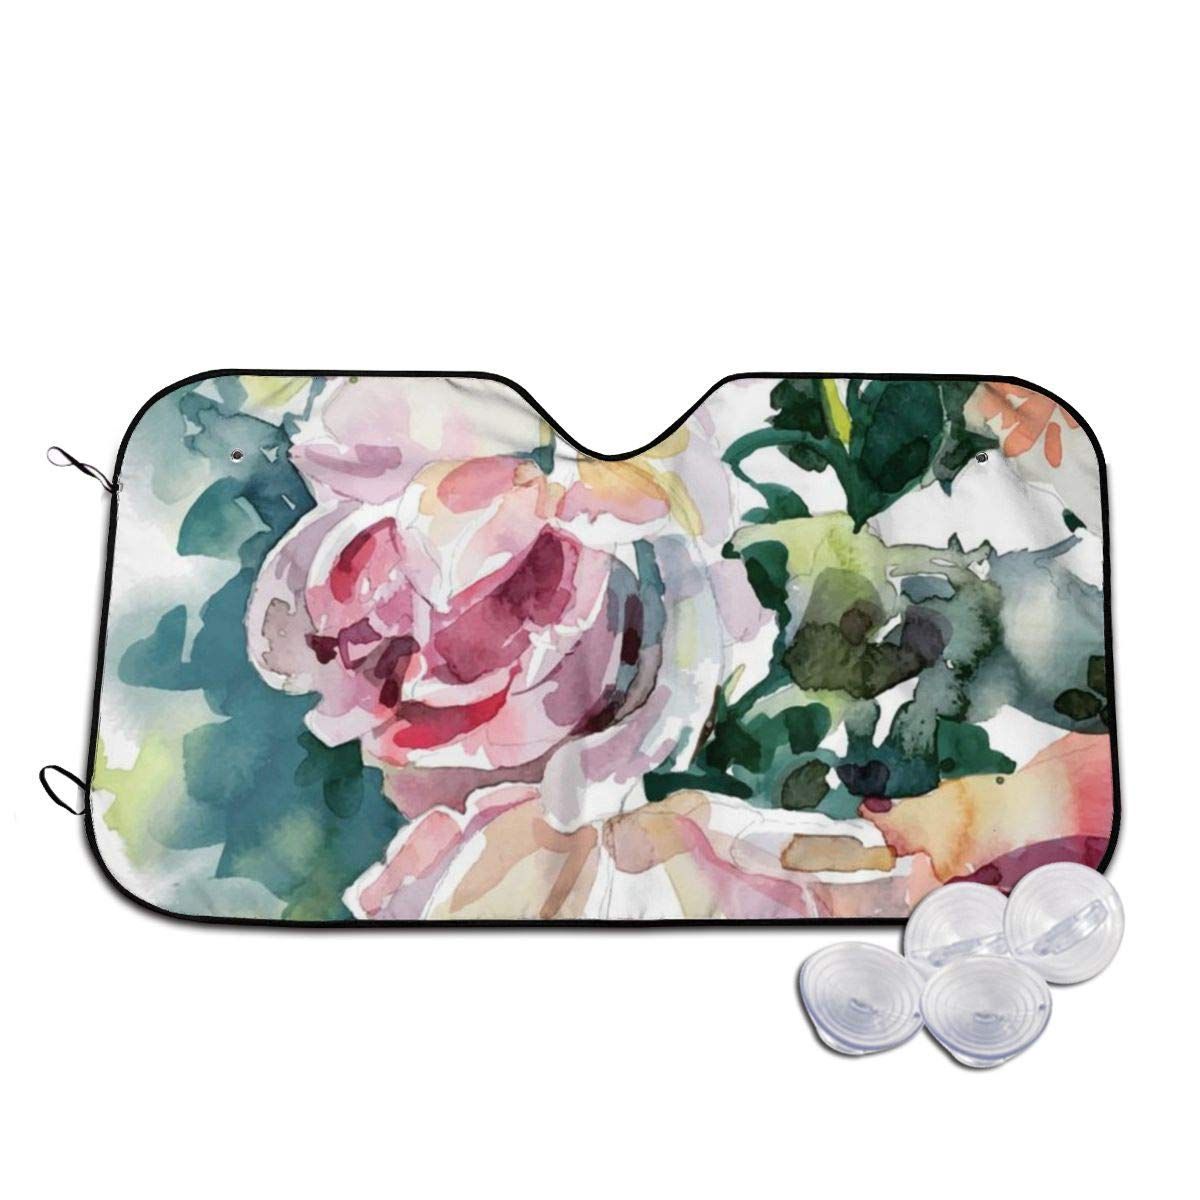 visera para ventana frontal para evitar que el coche se caliente en el interior Rterss Original pintura de acuarela de rosas rosas parabrisas personalizado